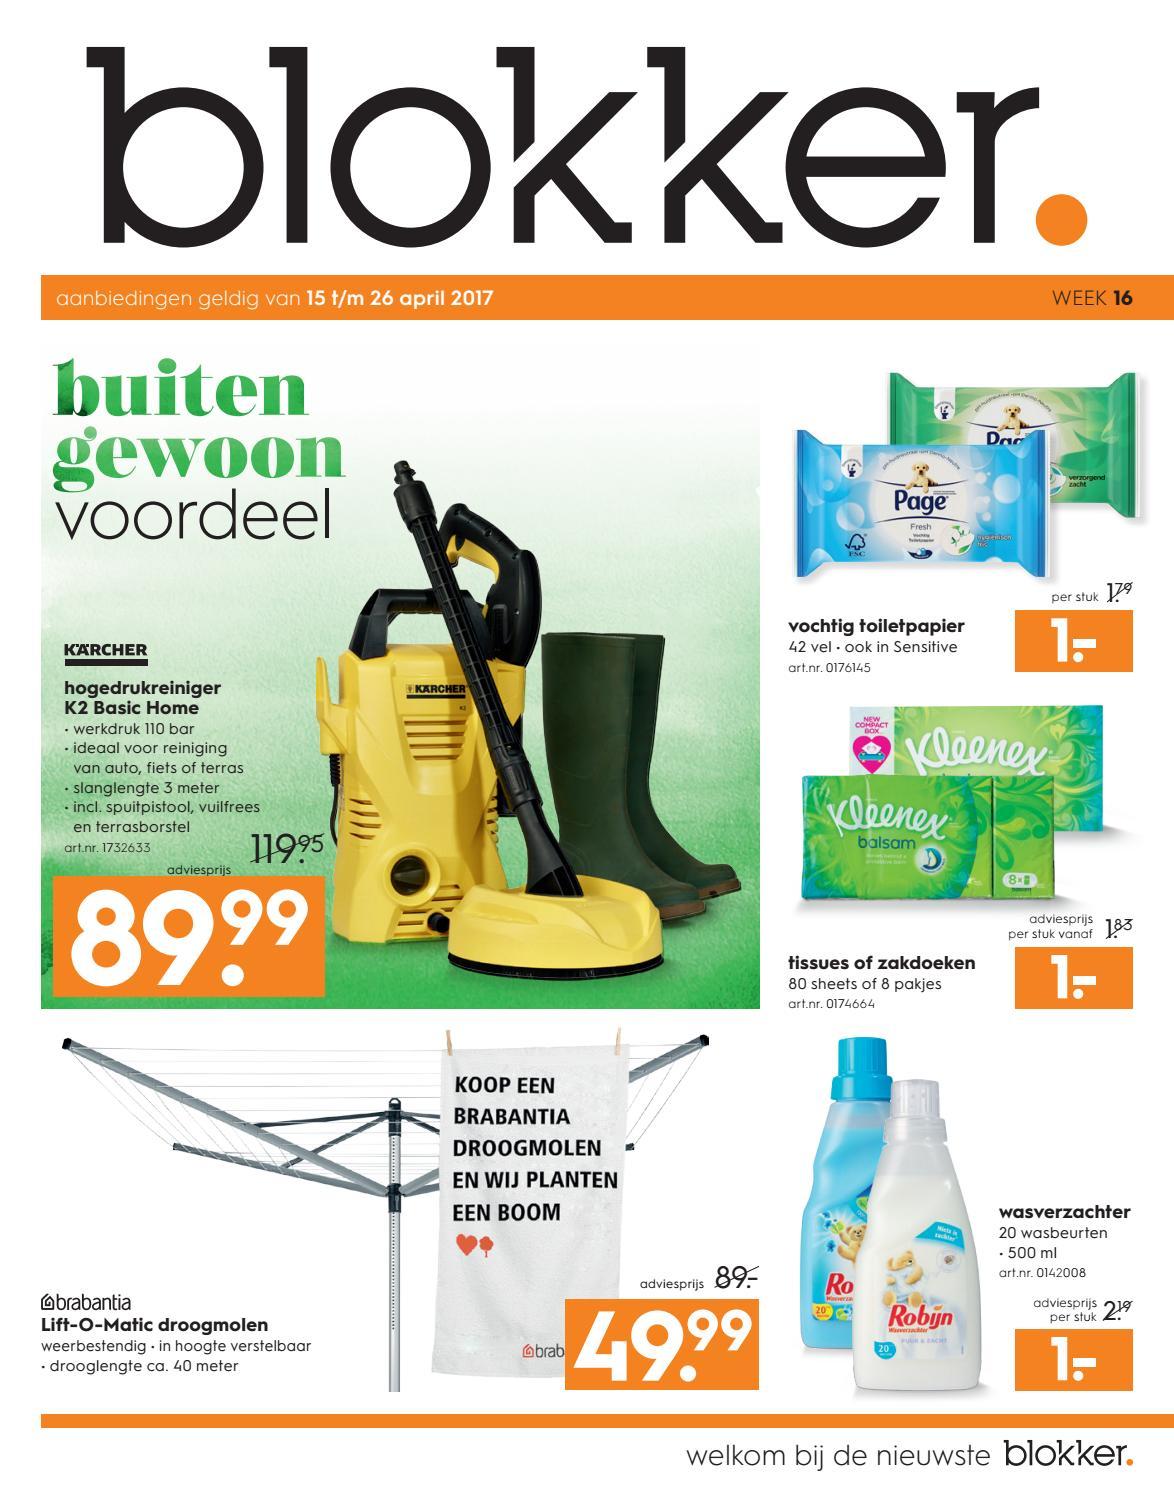 keukentegels groot : De Blokker Folder Blokker Folder Week 16 2017 By Publisher_81_nl